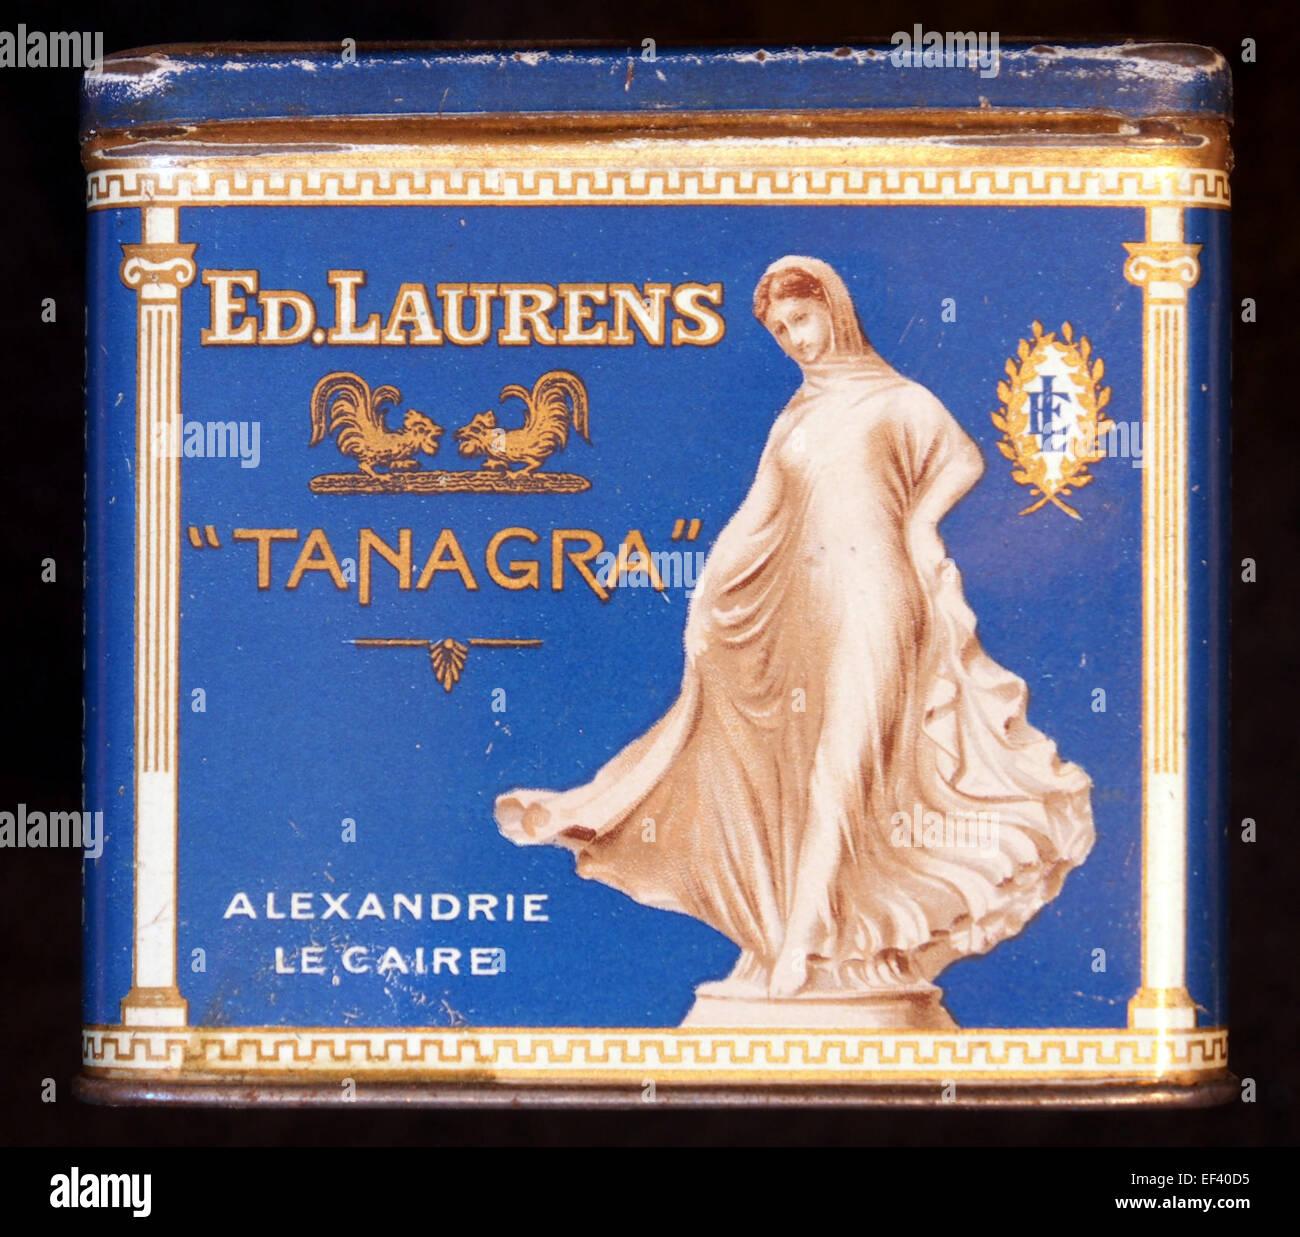 Tanagra cigarettes tin, front Stock Photo